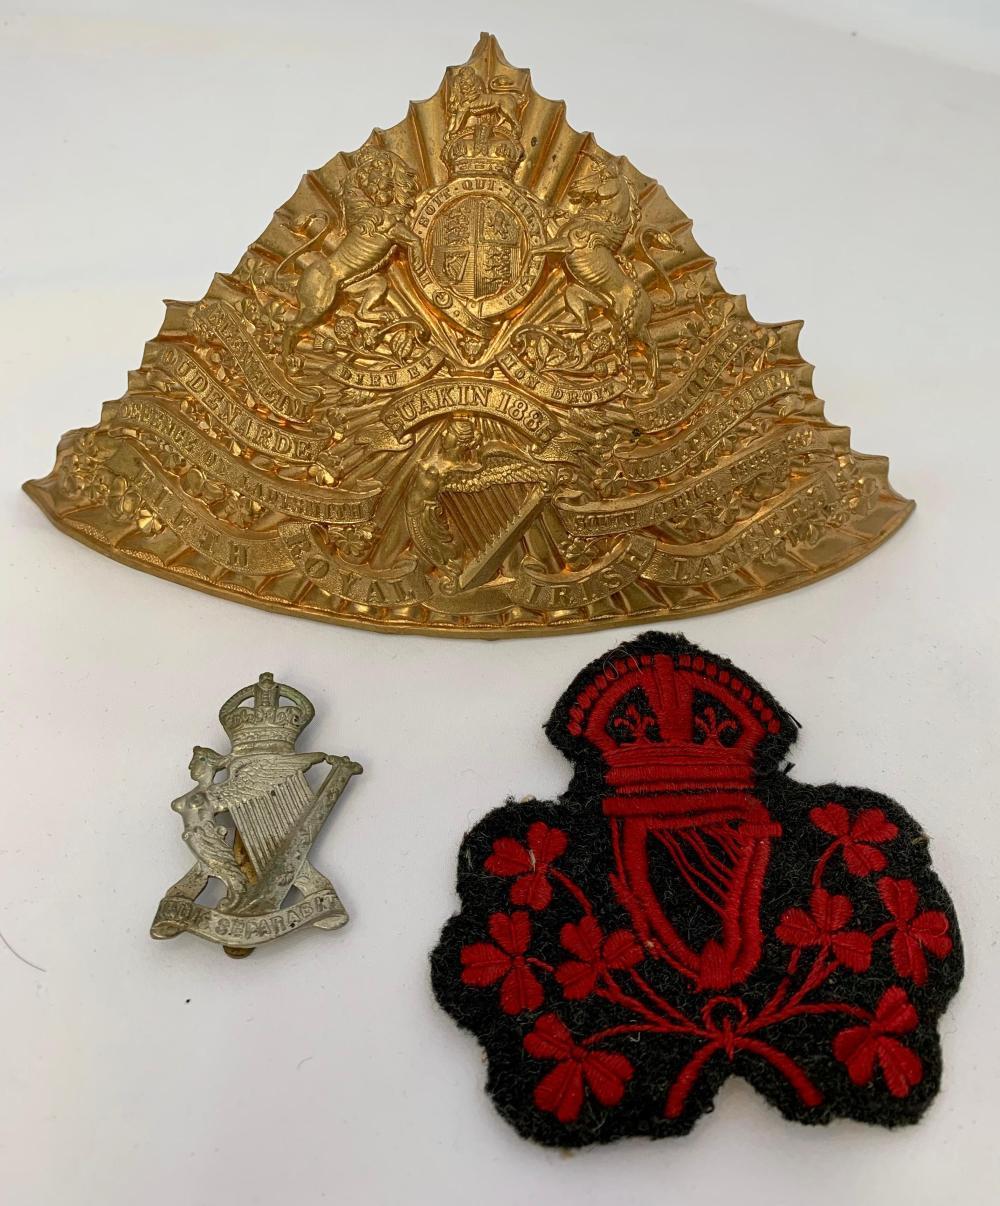 Irish Regimental Items